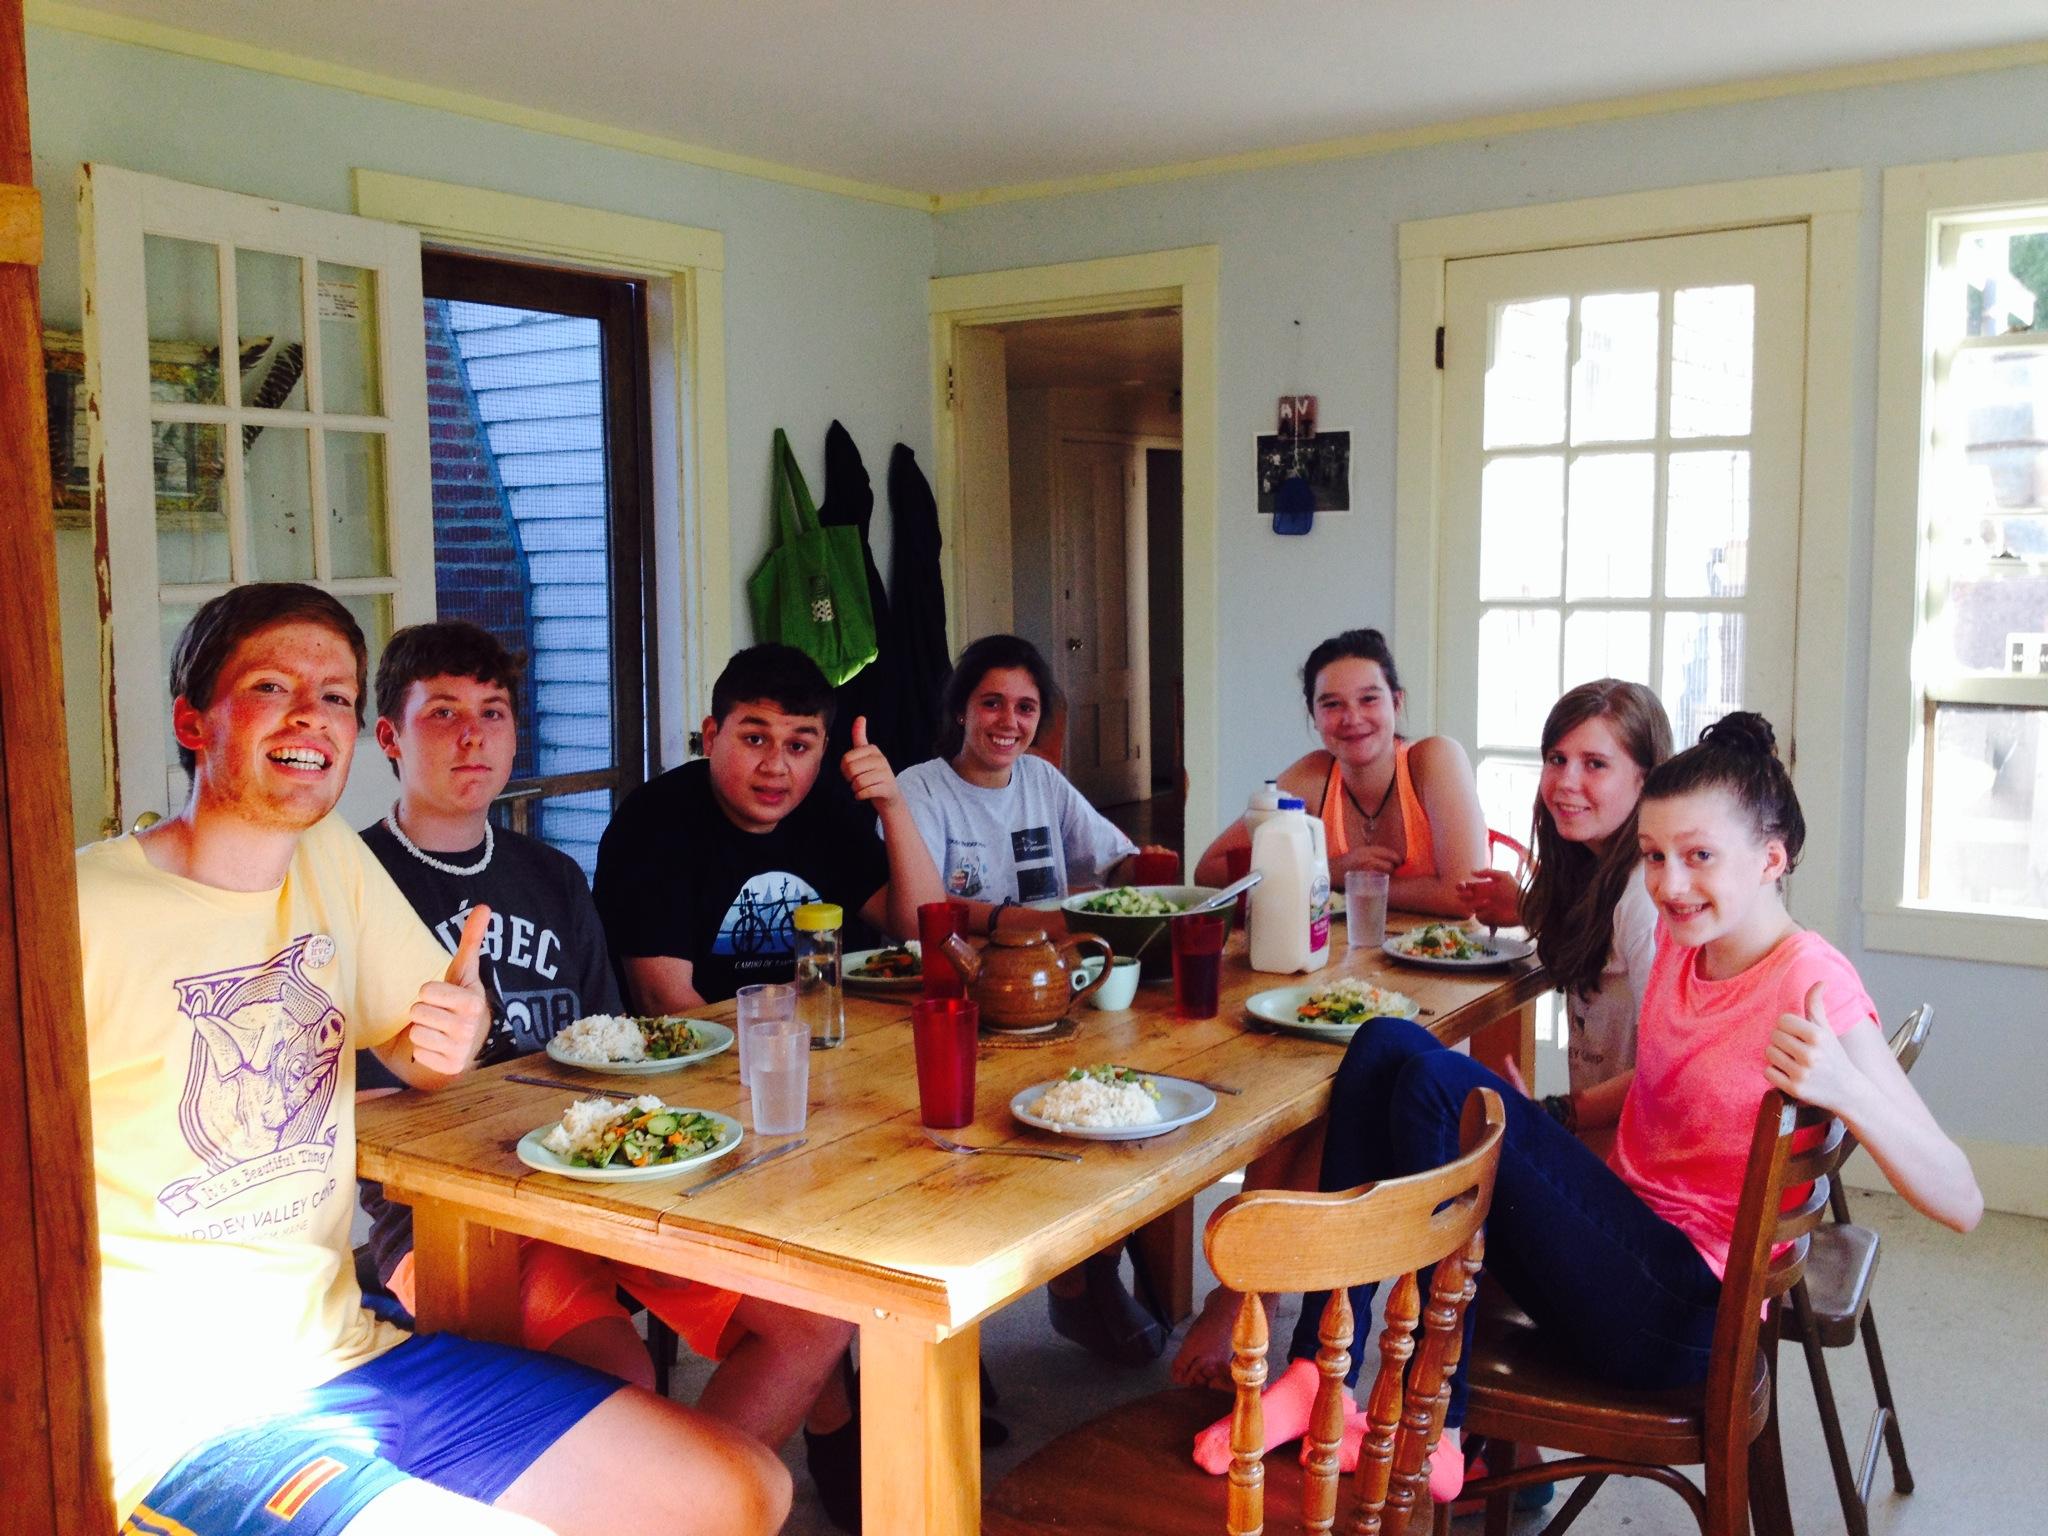 Summer Program - Youth | Hidden Valley Community Program for Teens